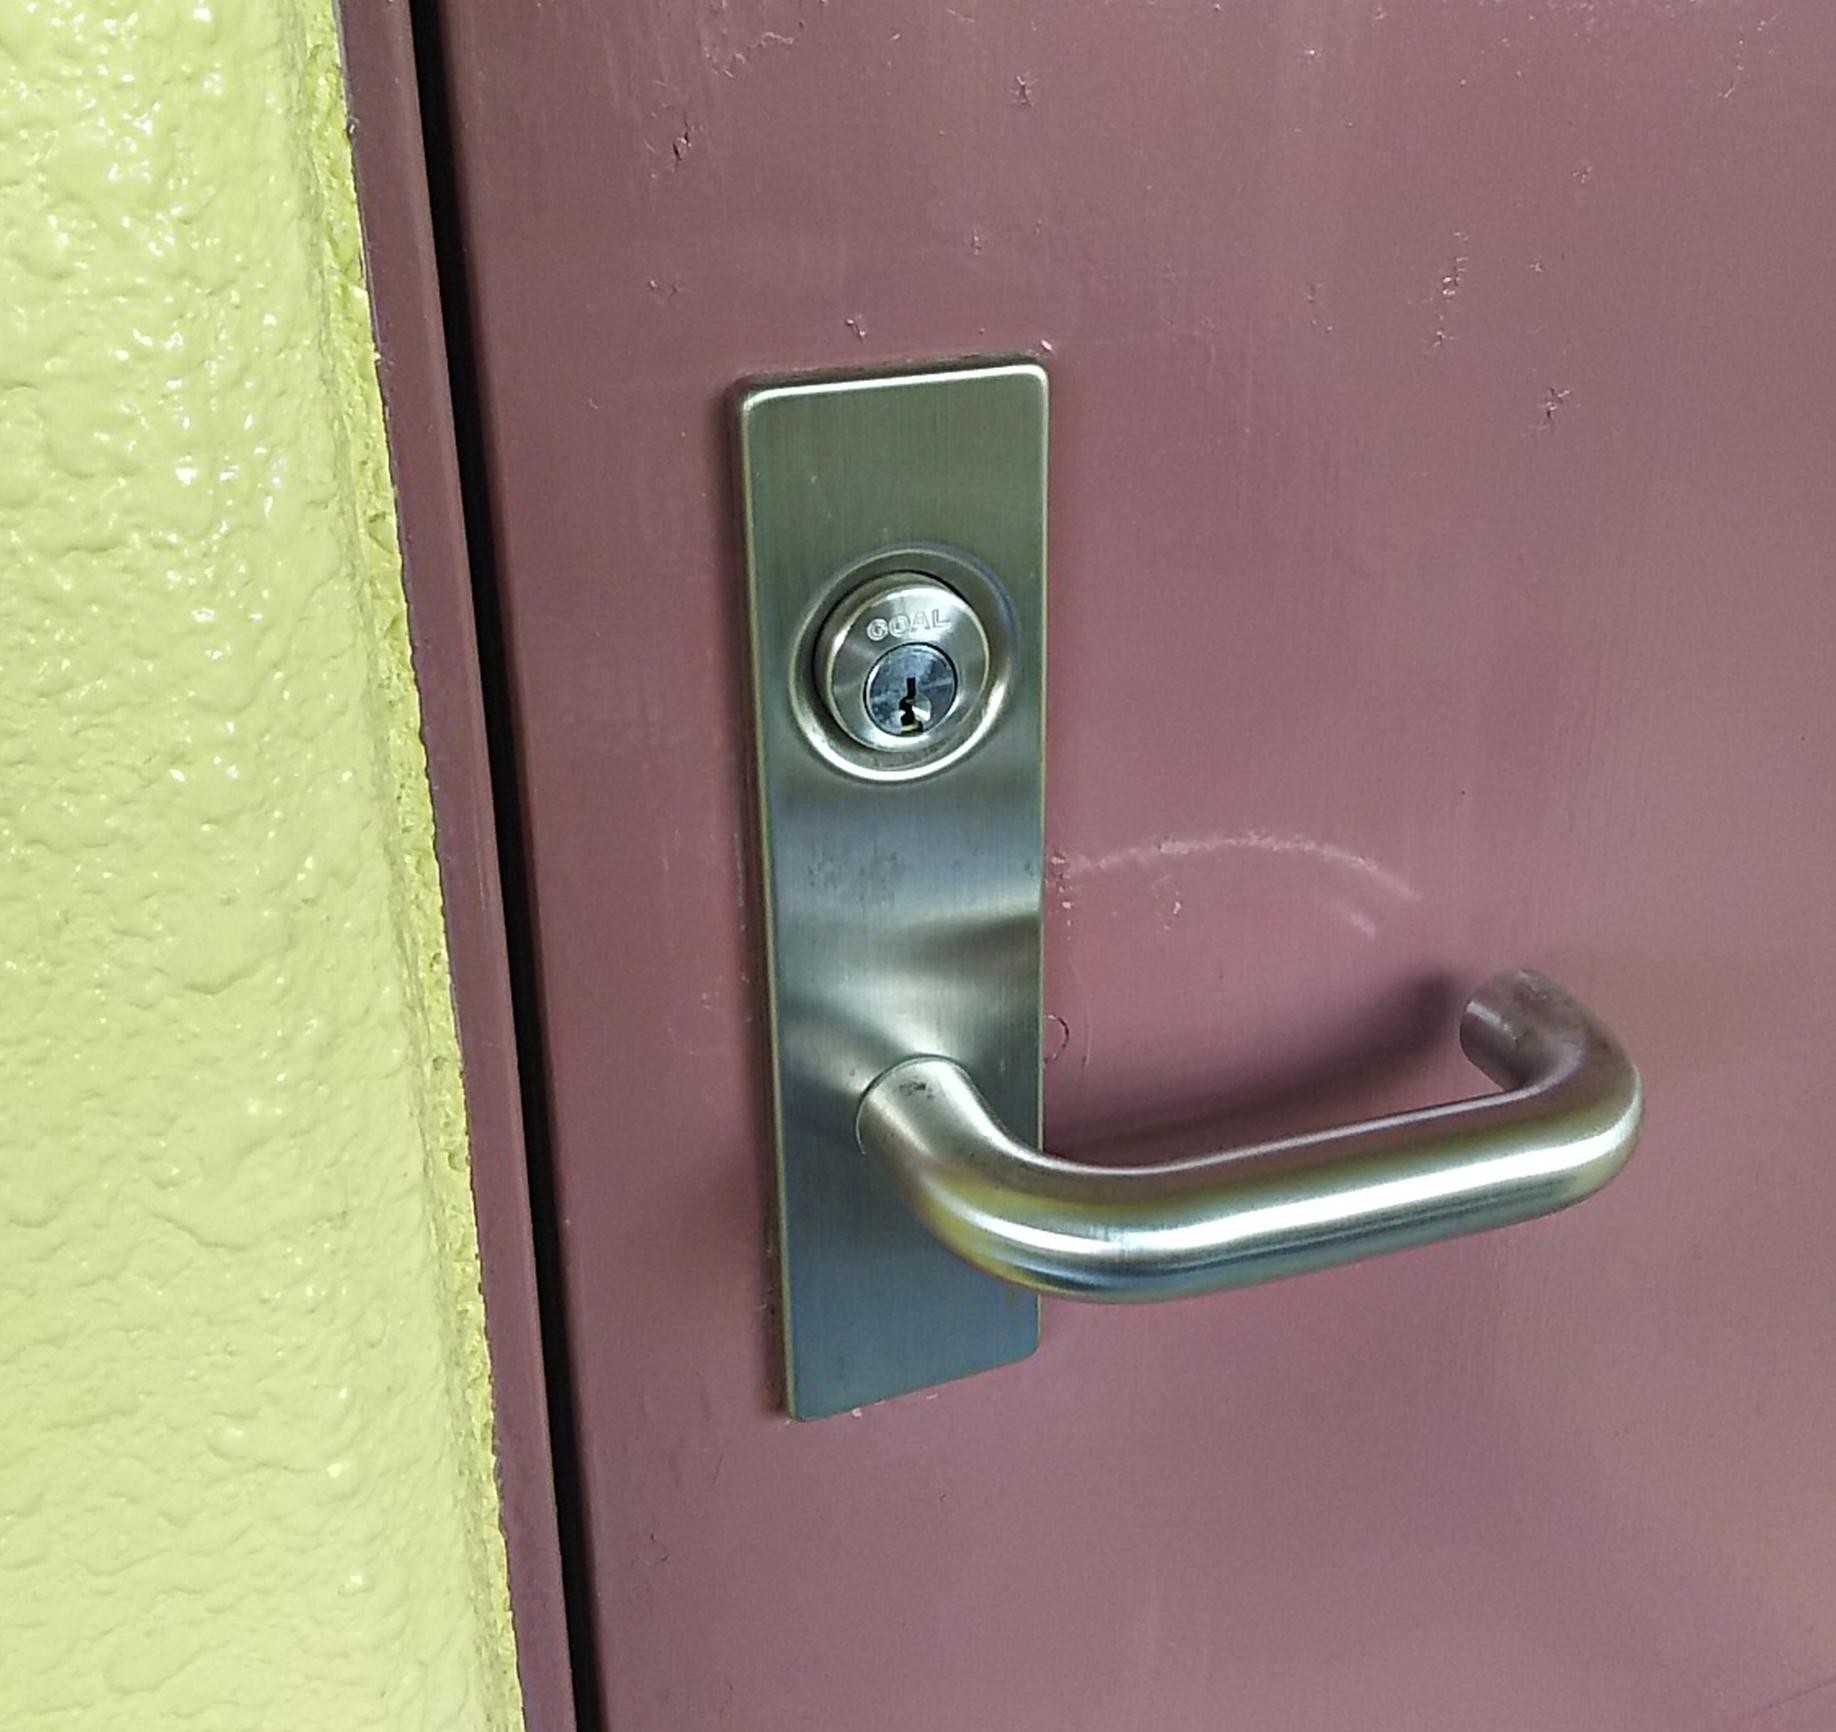 施錠された玄関扉